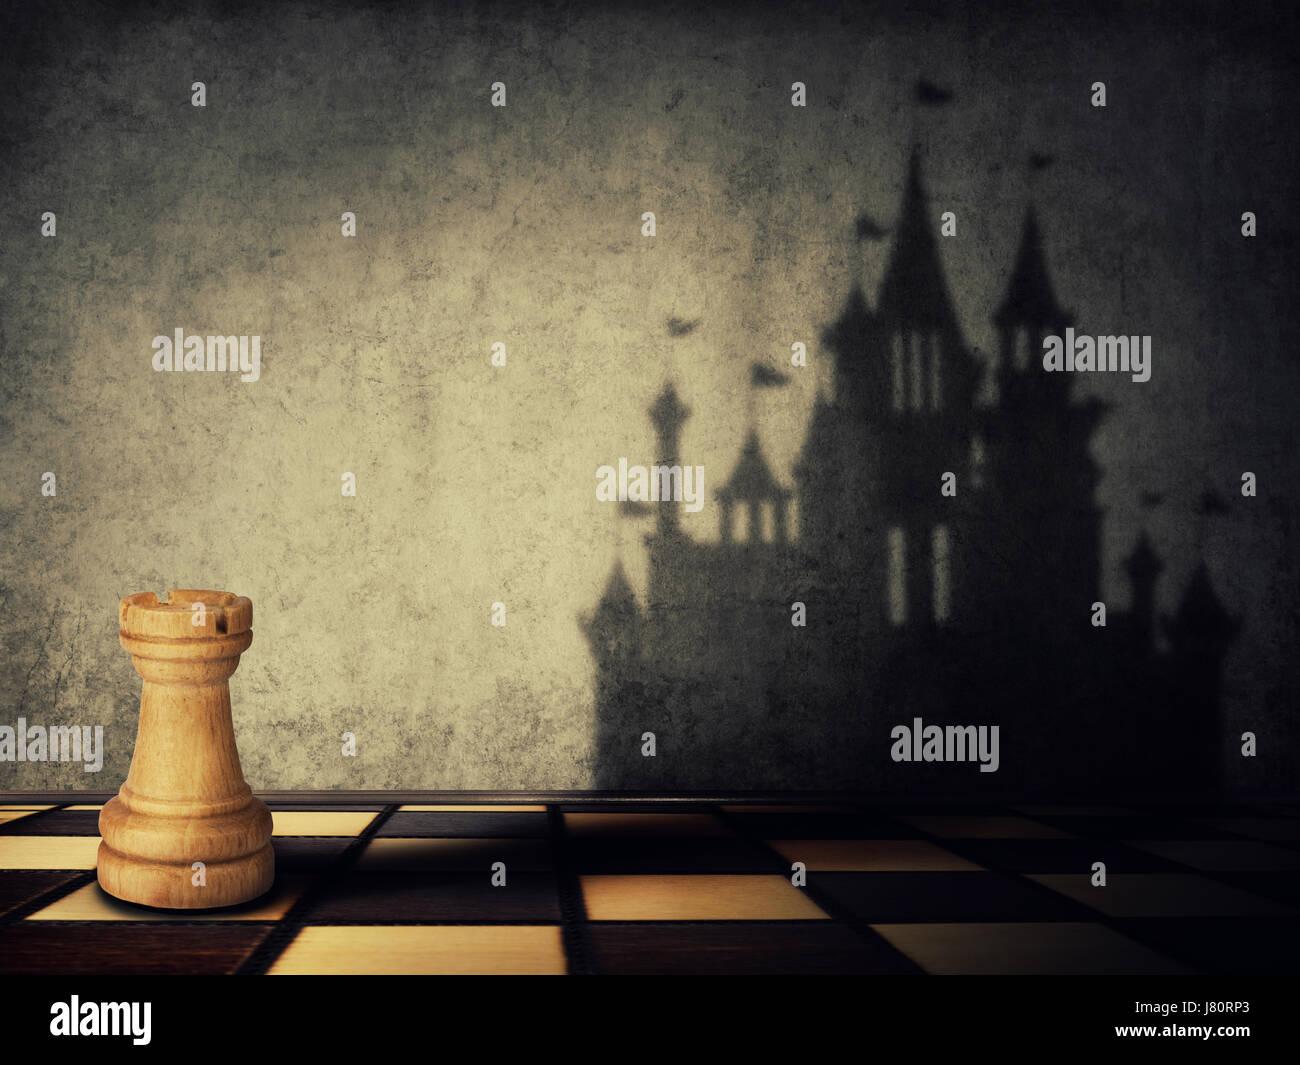 Rook Chess Piece una sombra en la forma de un castillo sobre una pared de hormigón. Aspiraciones empresariales. Foto de stock